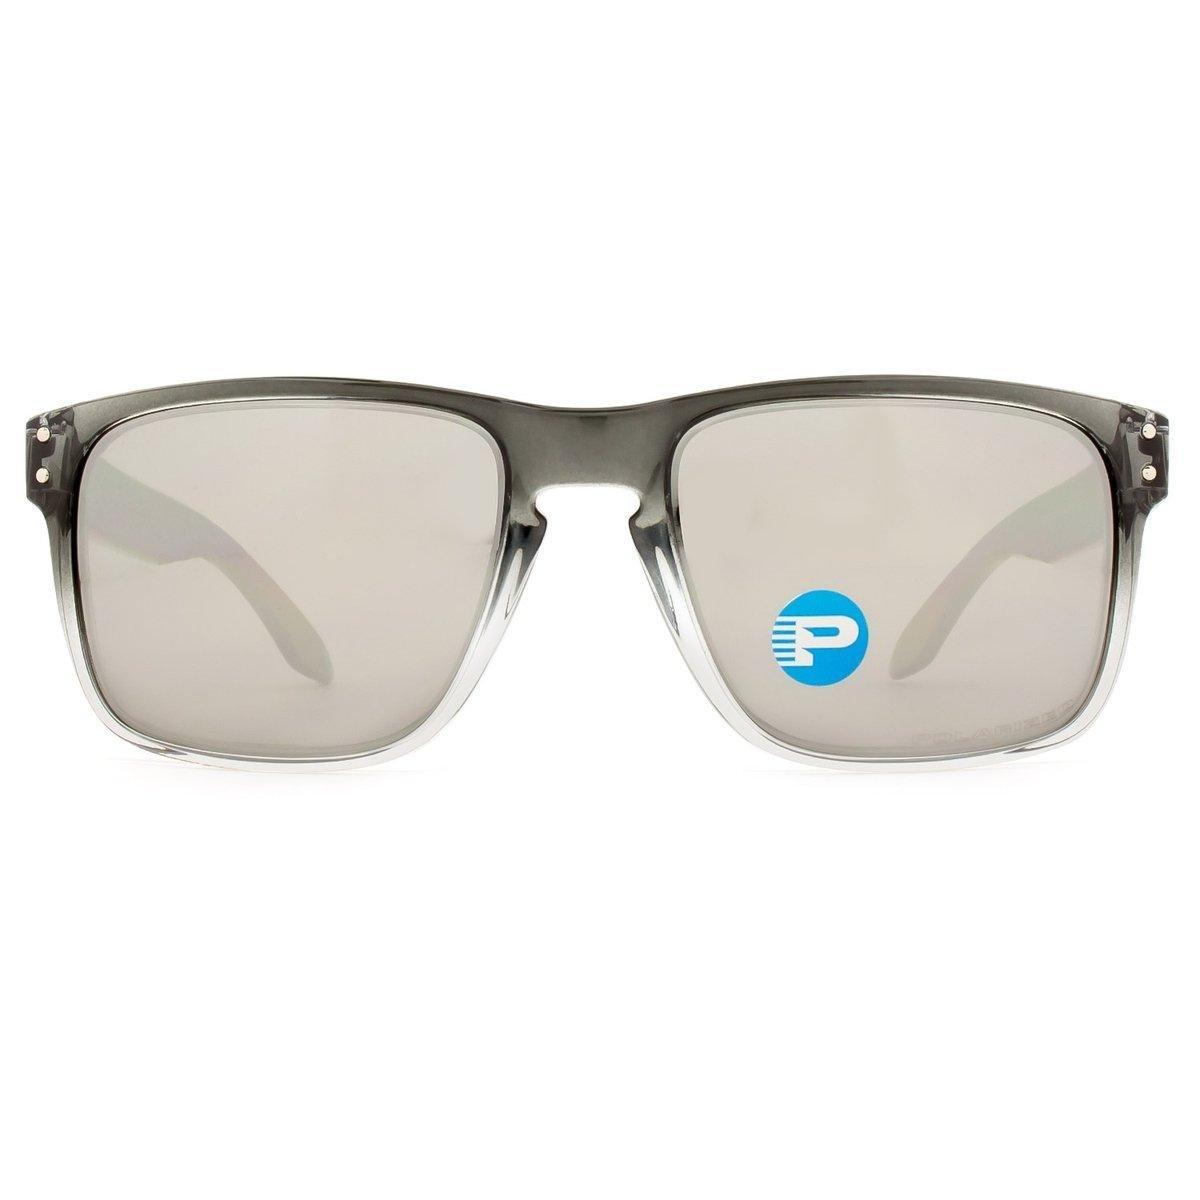 7f8bedcb5 Óculos Oakley Holbrook Polarizado OO9102 A9/55 | Netshoes